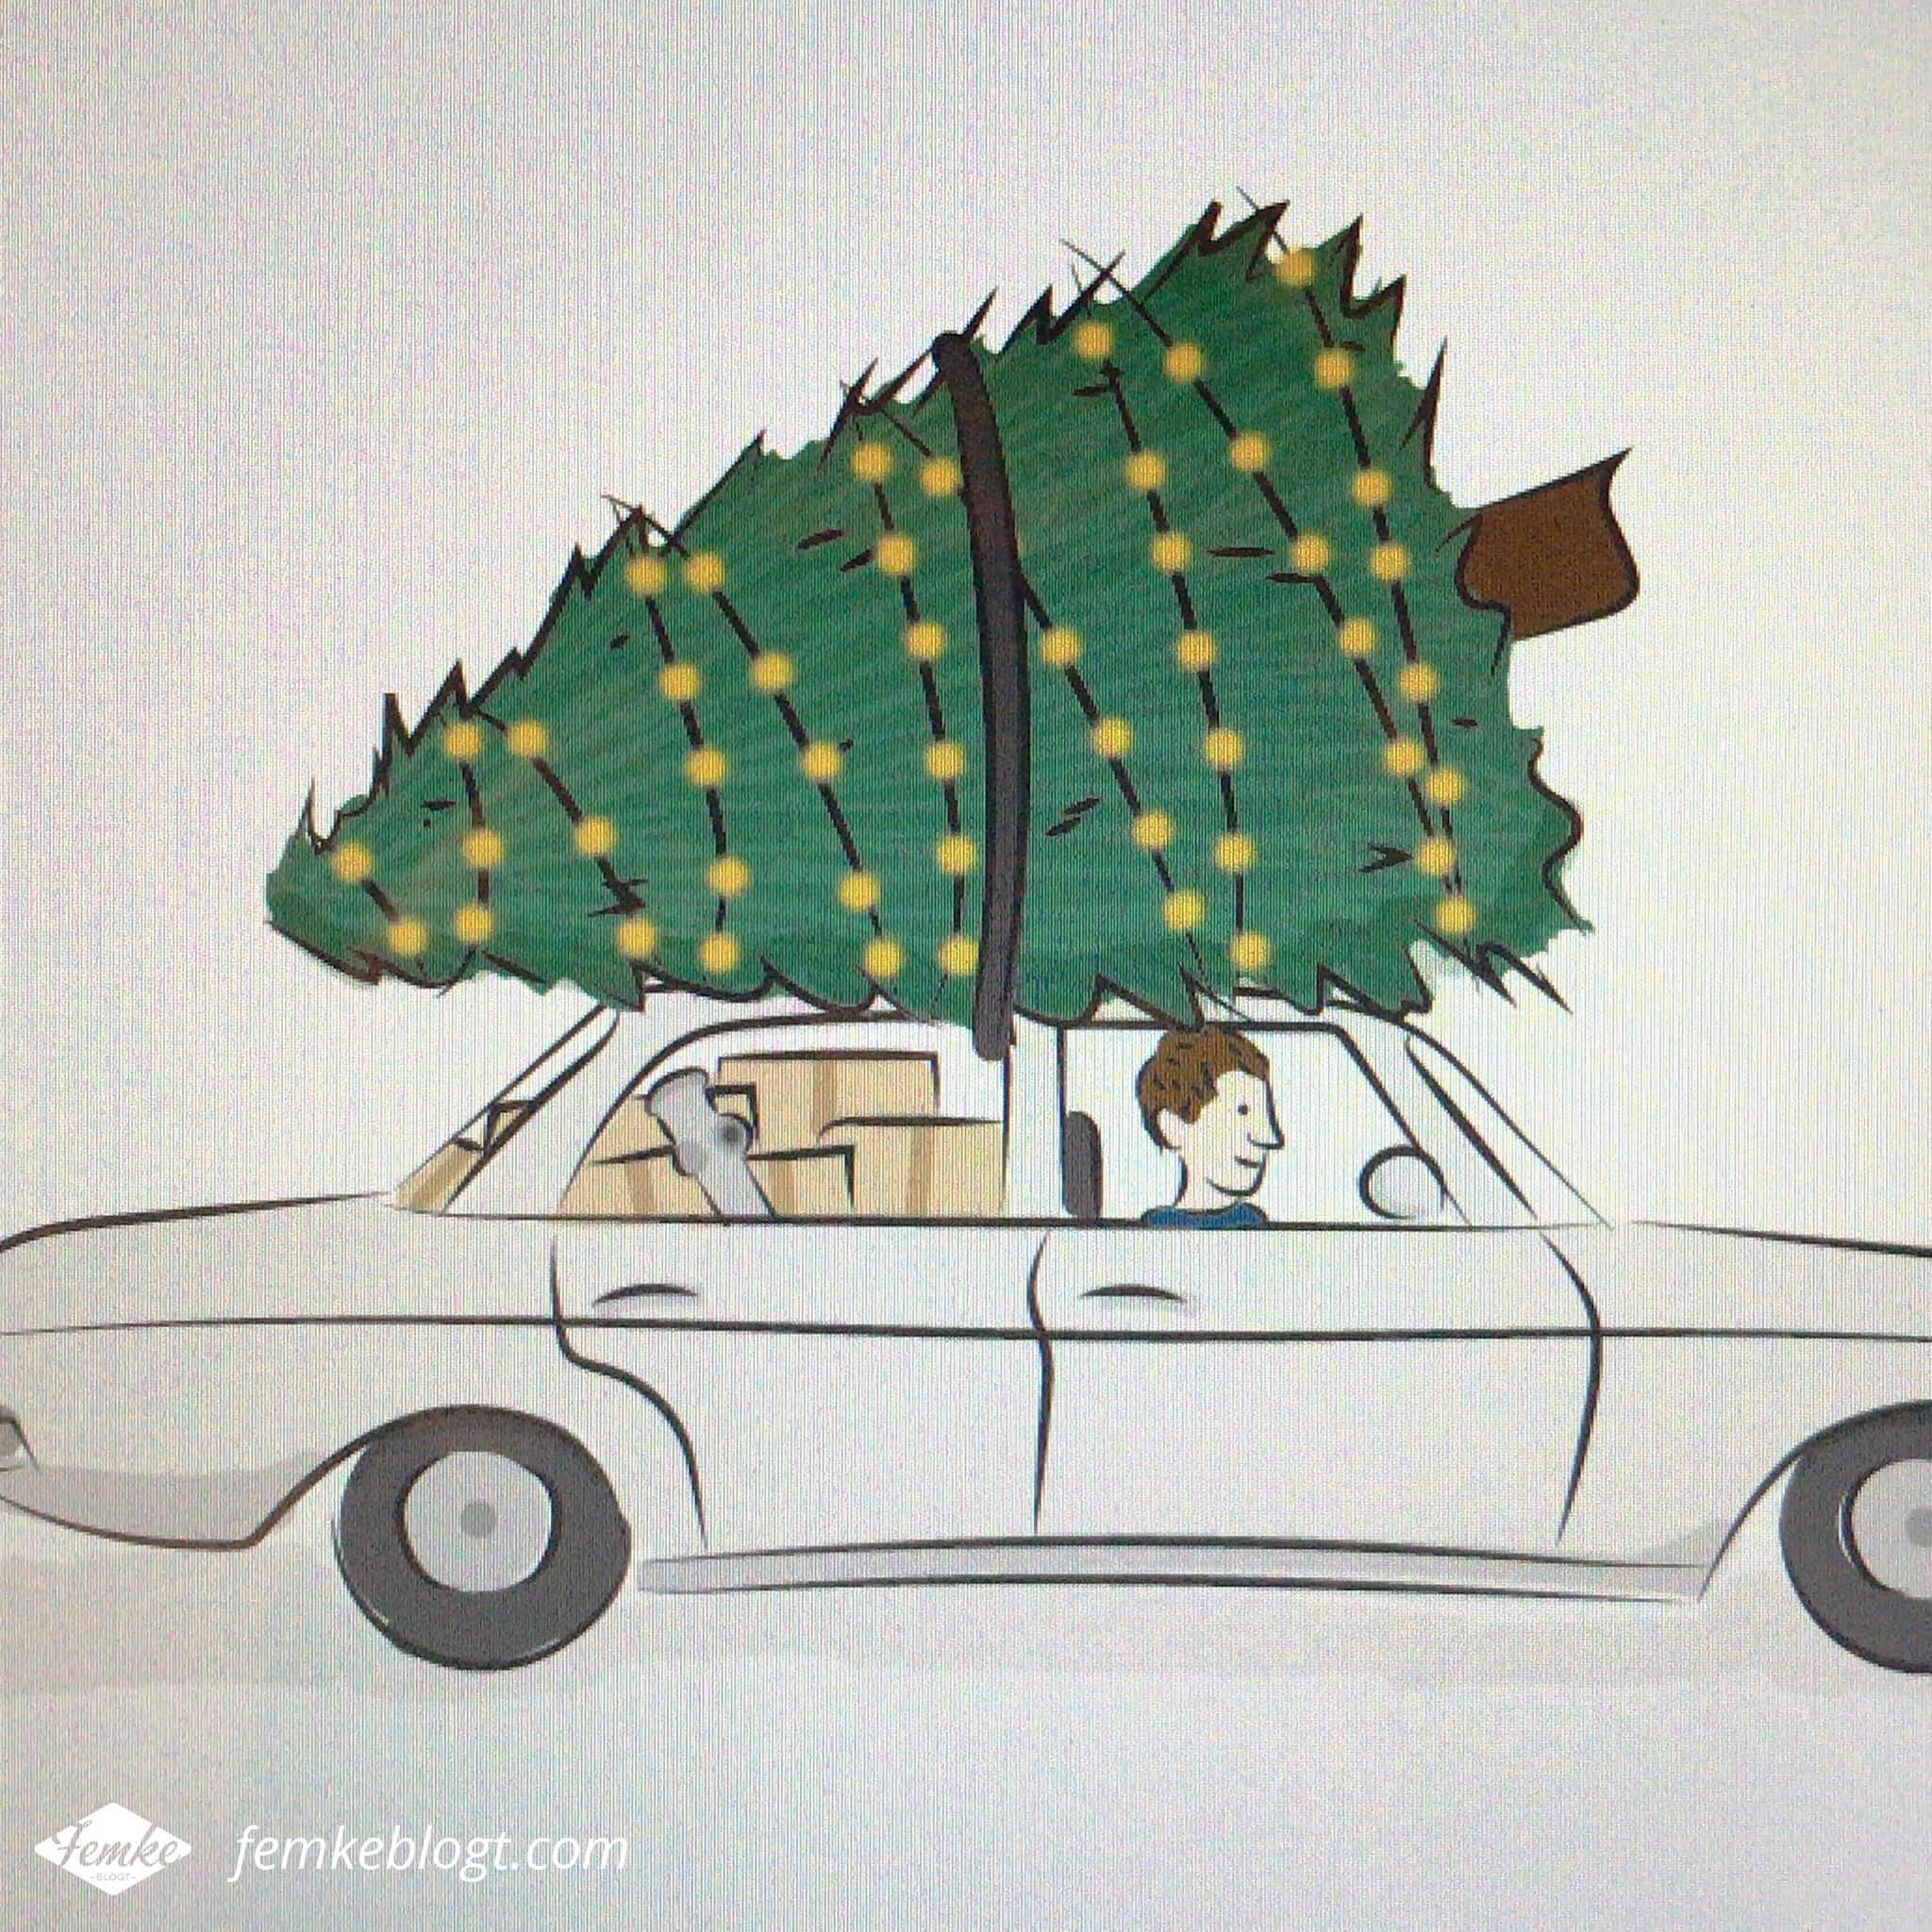 Verhuiskaart ontwerp New year, new home! | De illustratie van de auto is ingekleurd en zo goed als af.